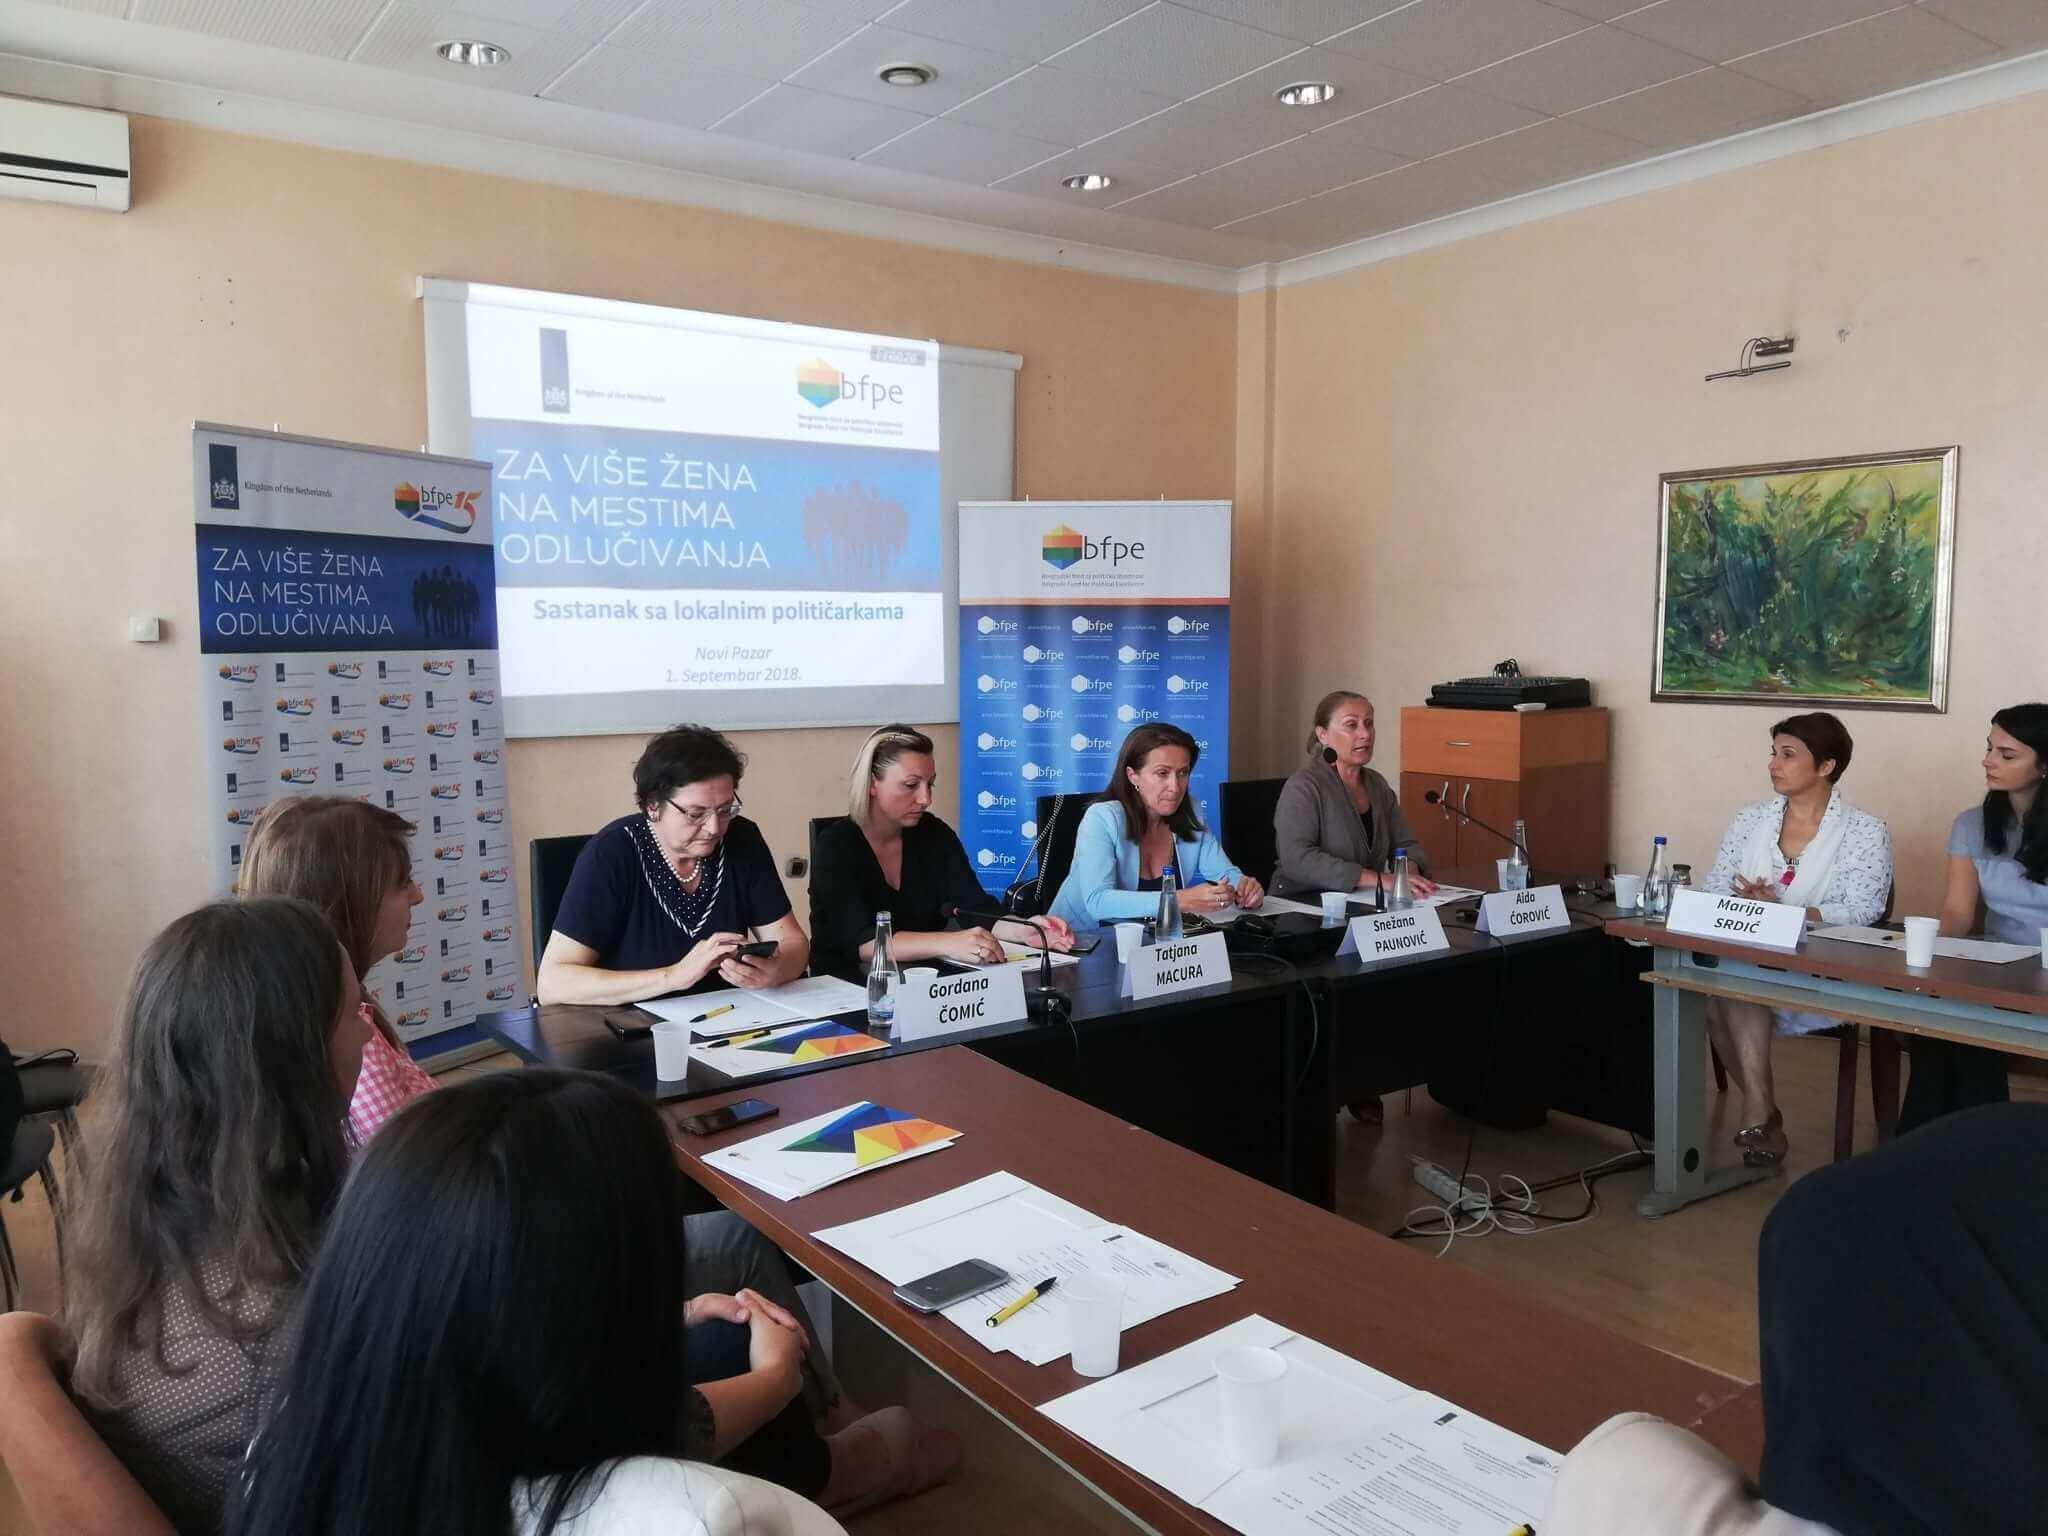 Za više žena na mestima odlučivanja: sa političarkama u Novom Pazaru